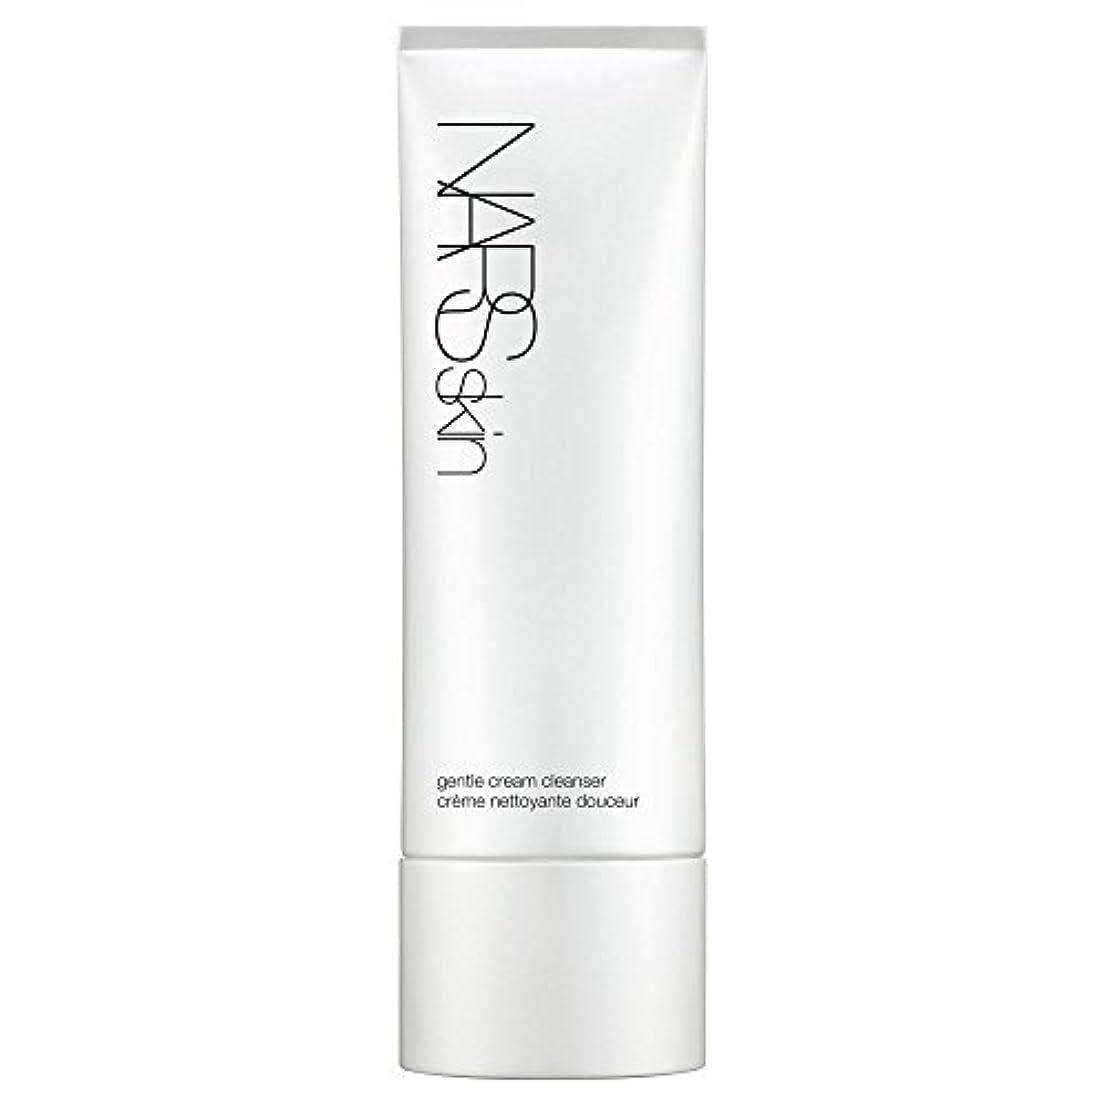 ほぼ溶岩浸食[NARS] Narsskin優しいクリームクレンザー、125ミリリットル - Narsskin Gentle Cream Cleanser, 125ml [並行輸入品]